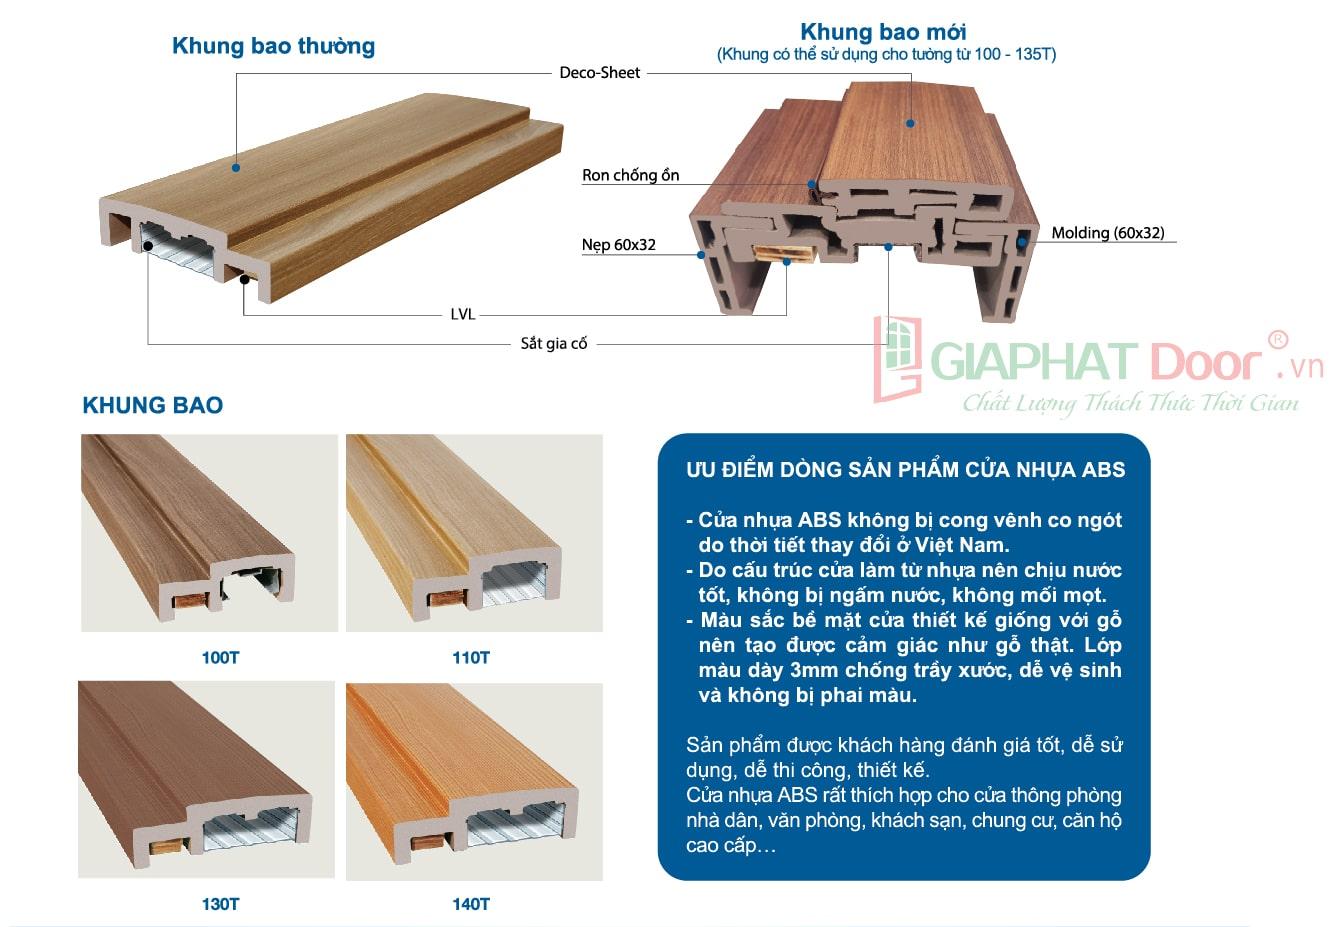 cua-nhua-abs-han-quoc-GPD KOS116-W0901